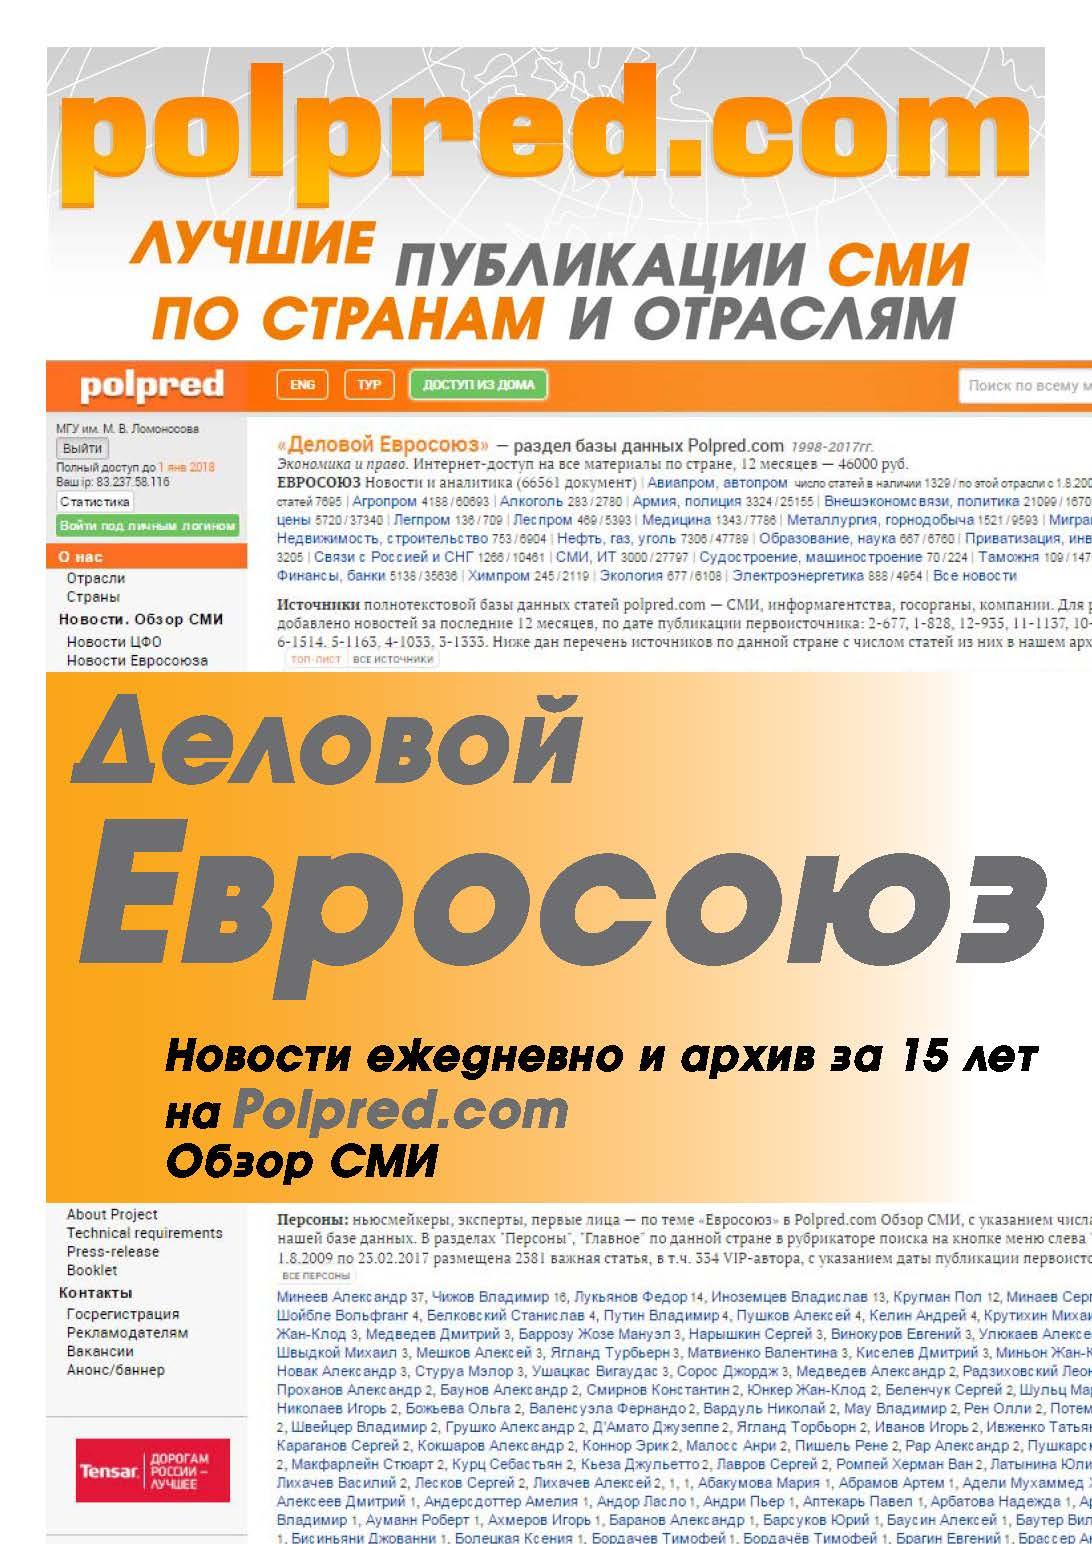 Обзор проекта прогнозов на спортРуслана Пасечника